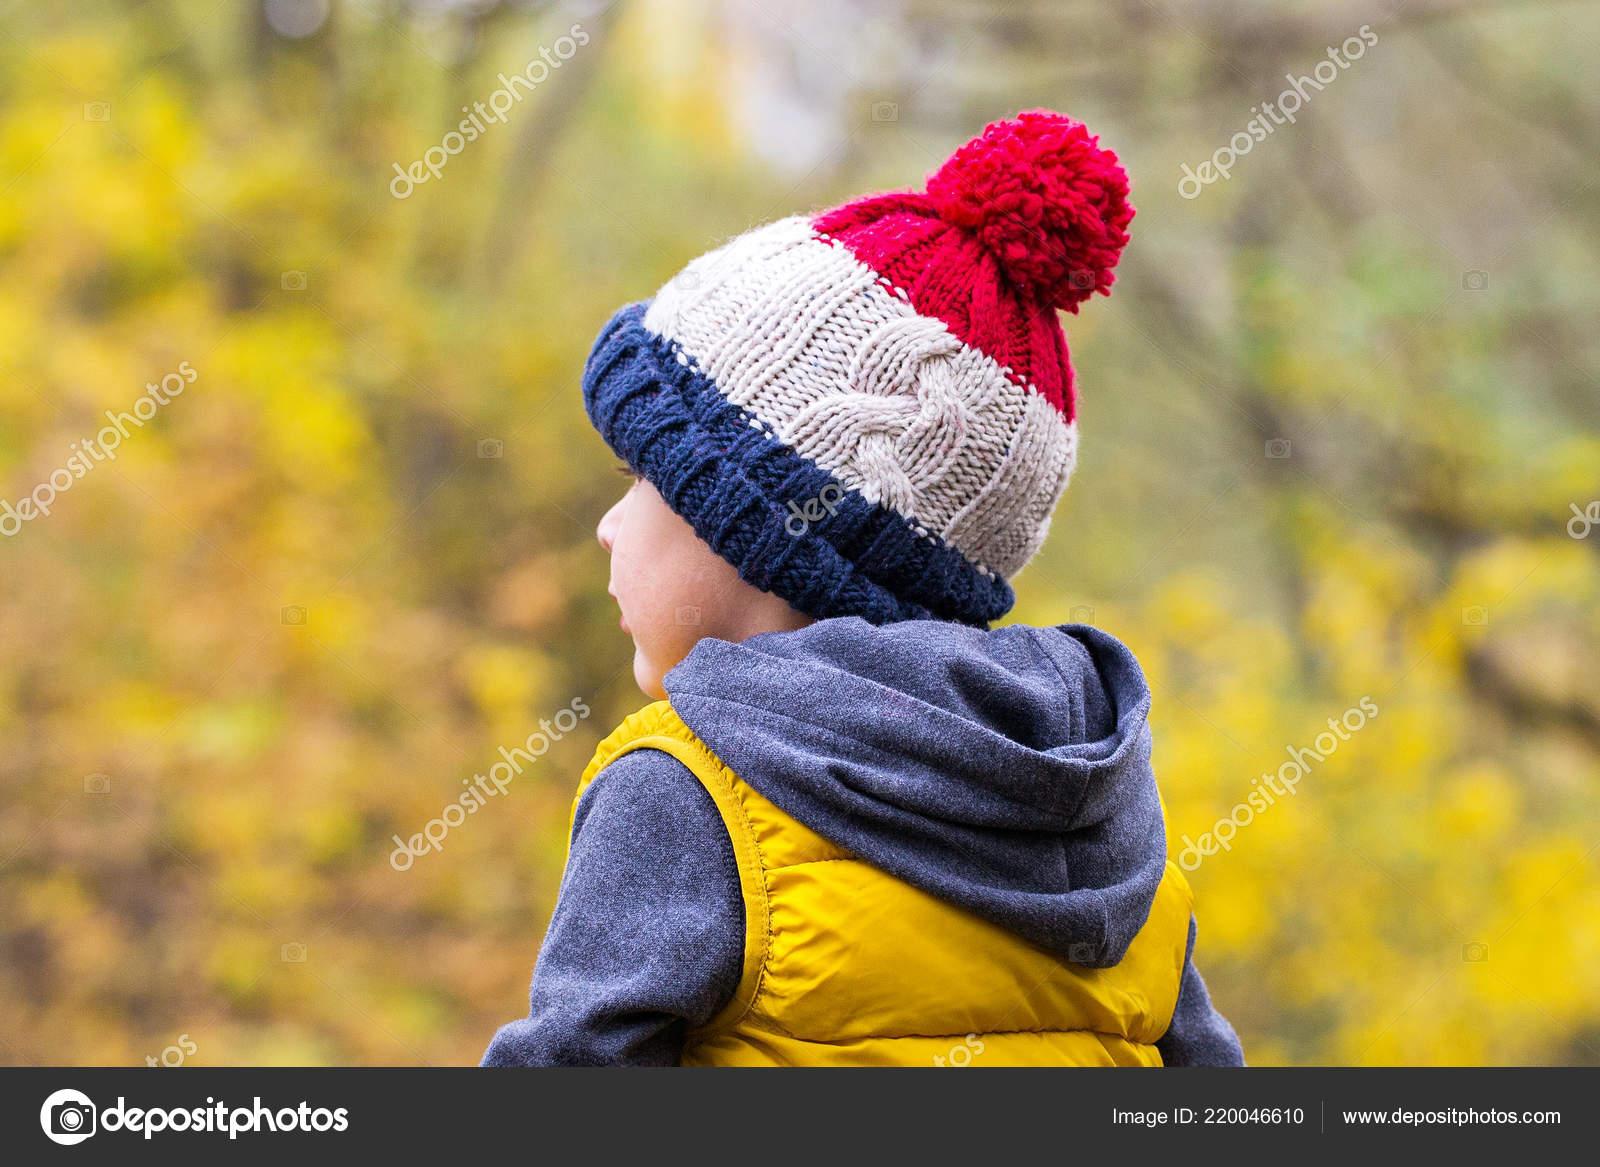 Chlapeček Módní Teplá Pletená Čepice Bambulí Pozadí Podzimního Lesa ... 400cb02070